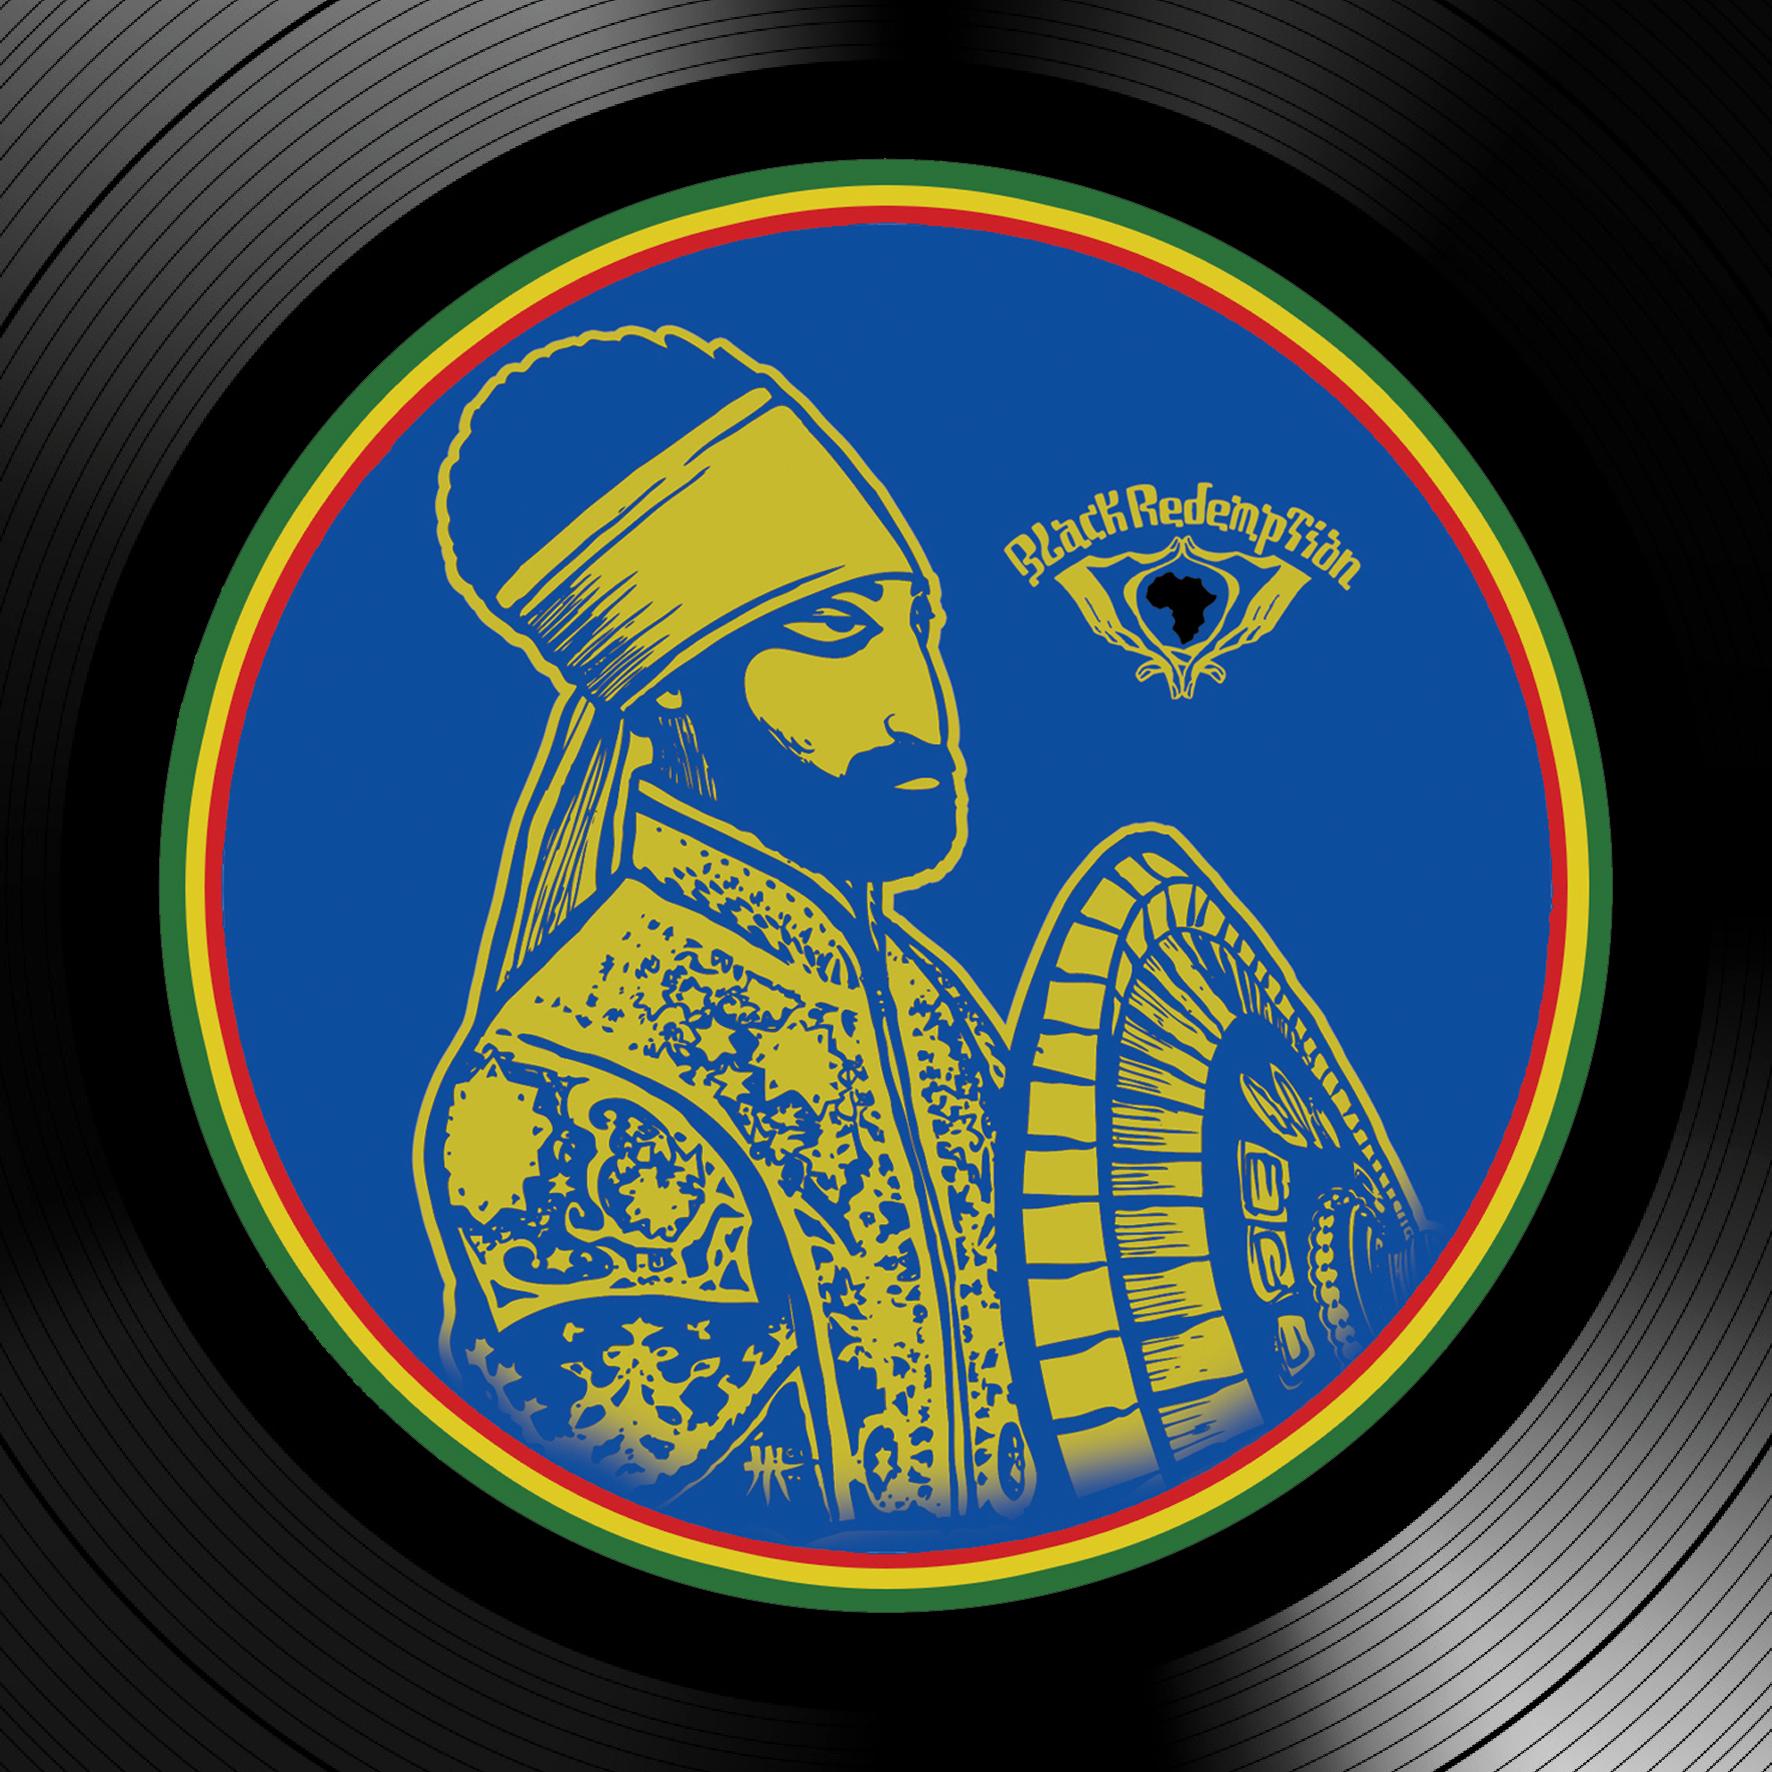 http://lionsdensound.de/wp-content/uploads/2019/11/BR1207LD_label_B_Haspar-feat.-Joshua-Hales-Our-Souls.jpg